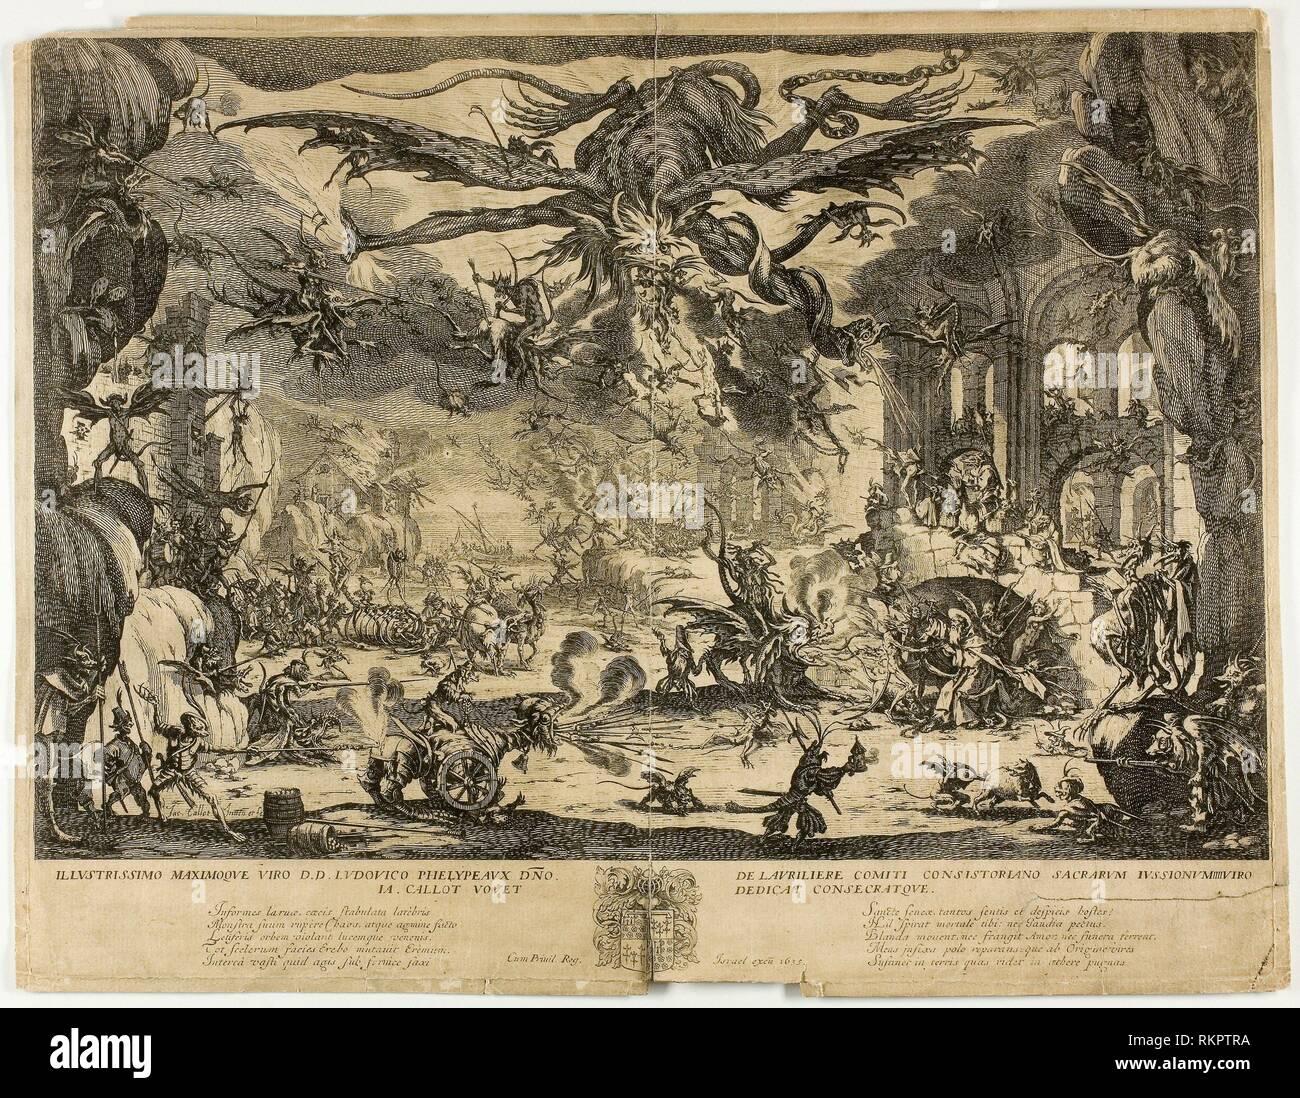 La Tentation de Saint Antoine - ch. 1635 - Jacques Callot Français, 1592-1635 - Artiste: Jacques Callot, origine: France, Date: 1630-1635, moyenne: Photo Stock